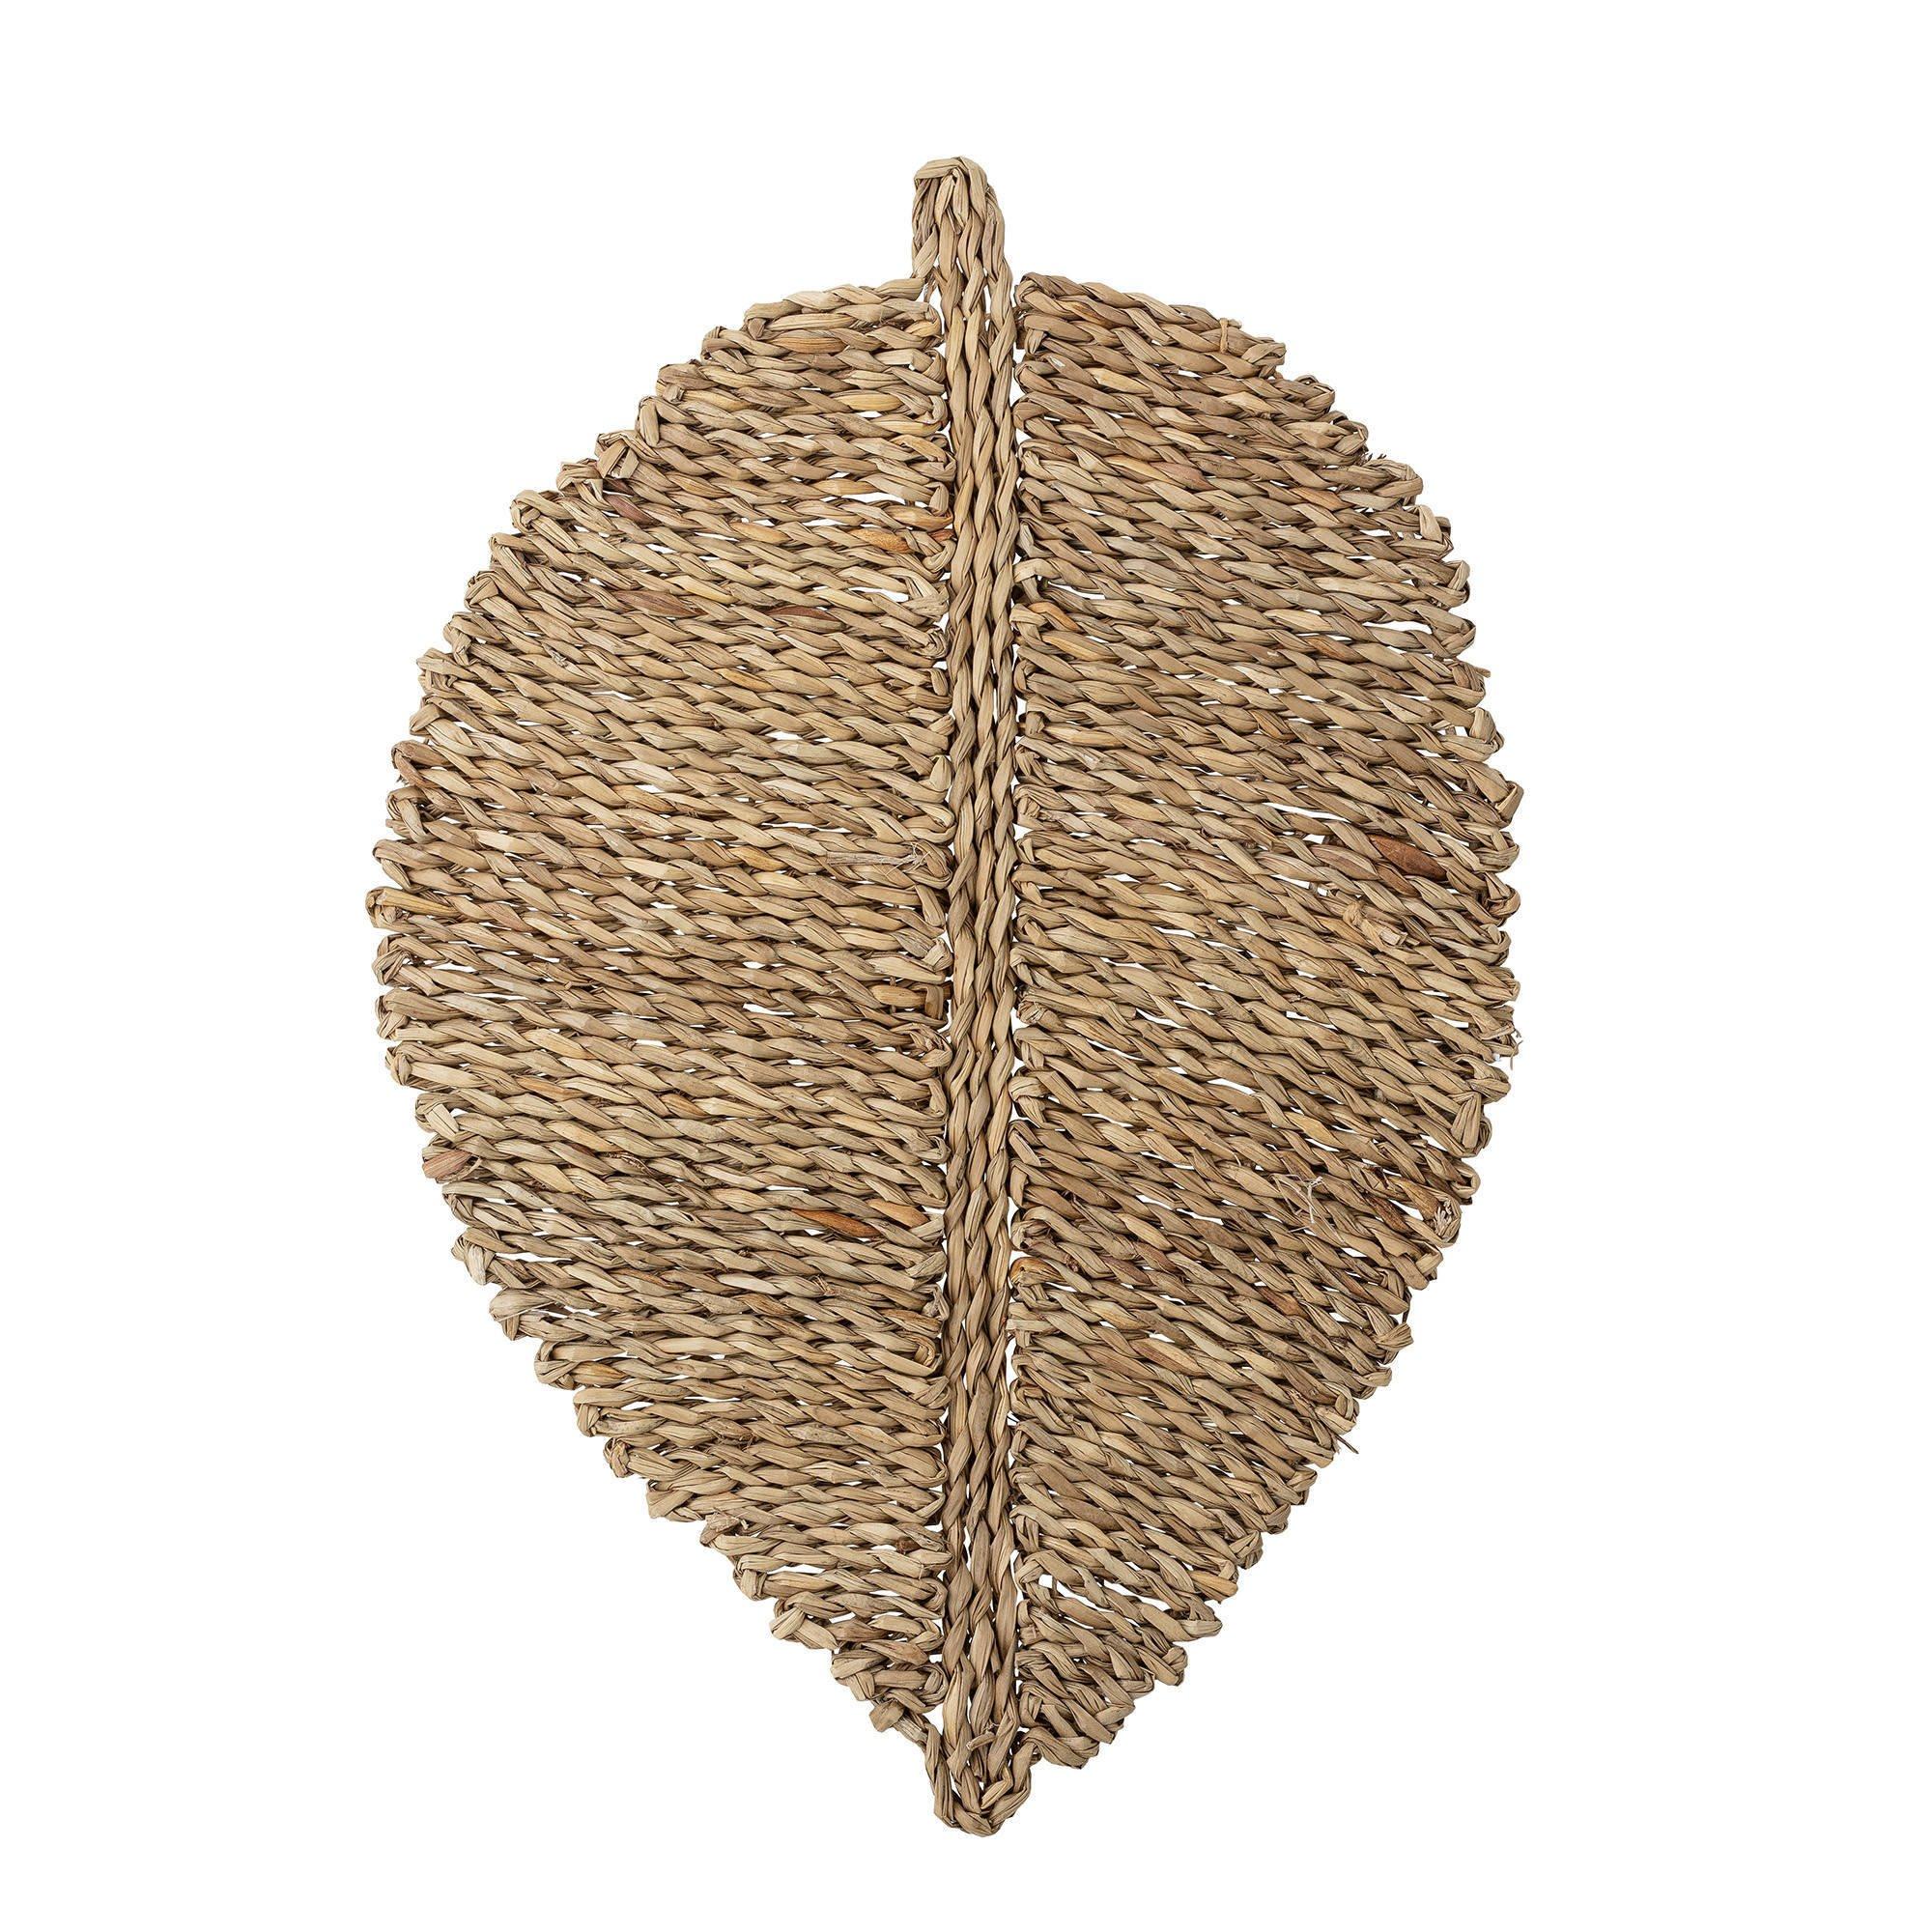 Bloomingville placemat zeewier 34x50 cm Natuur online kopen